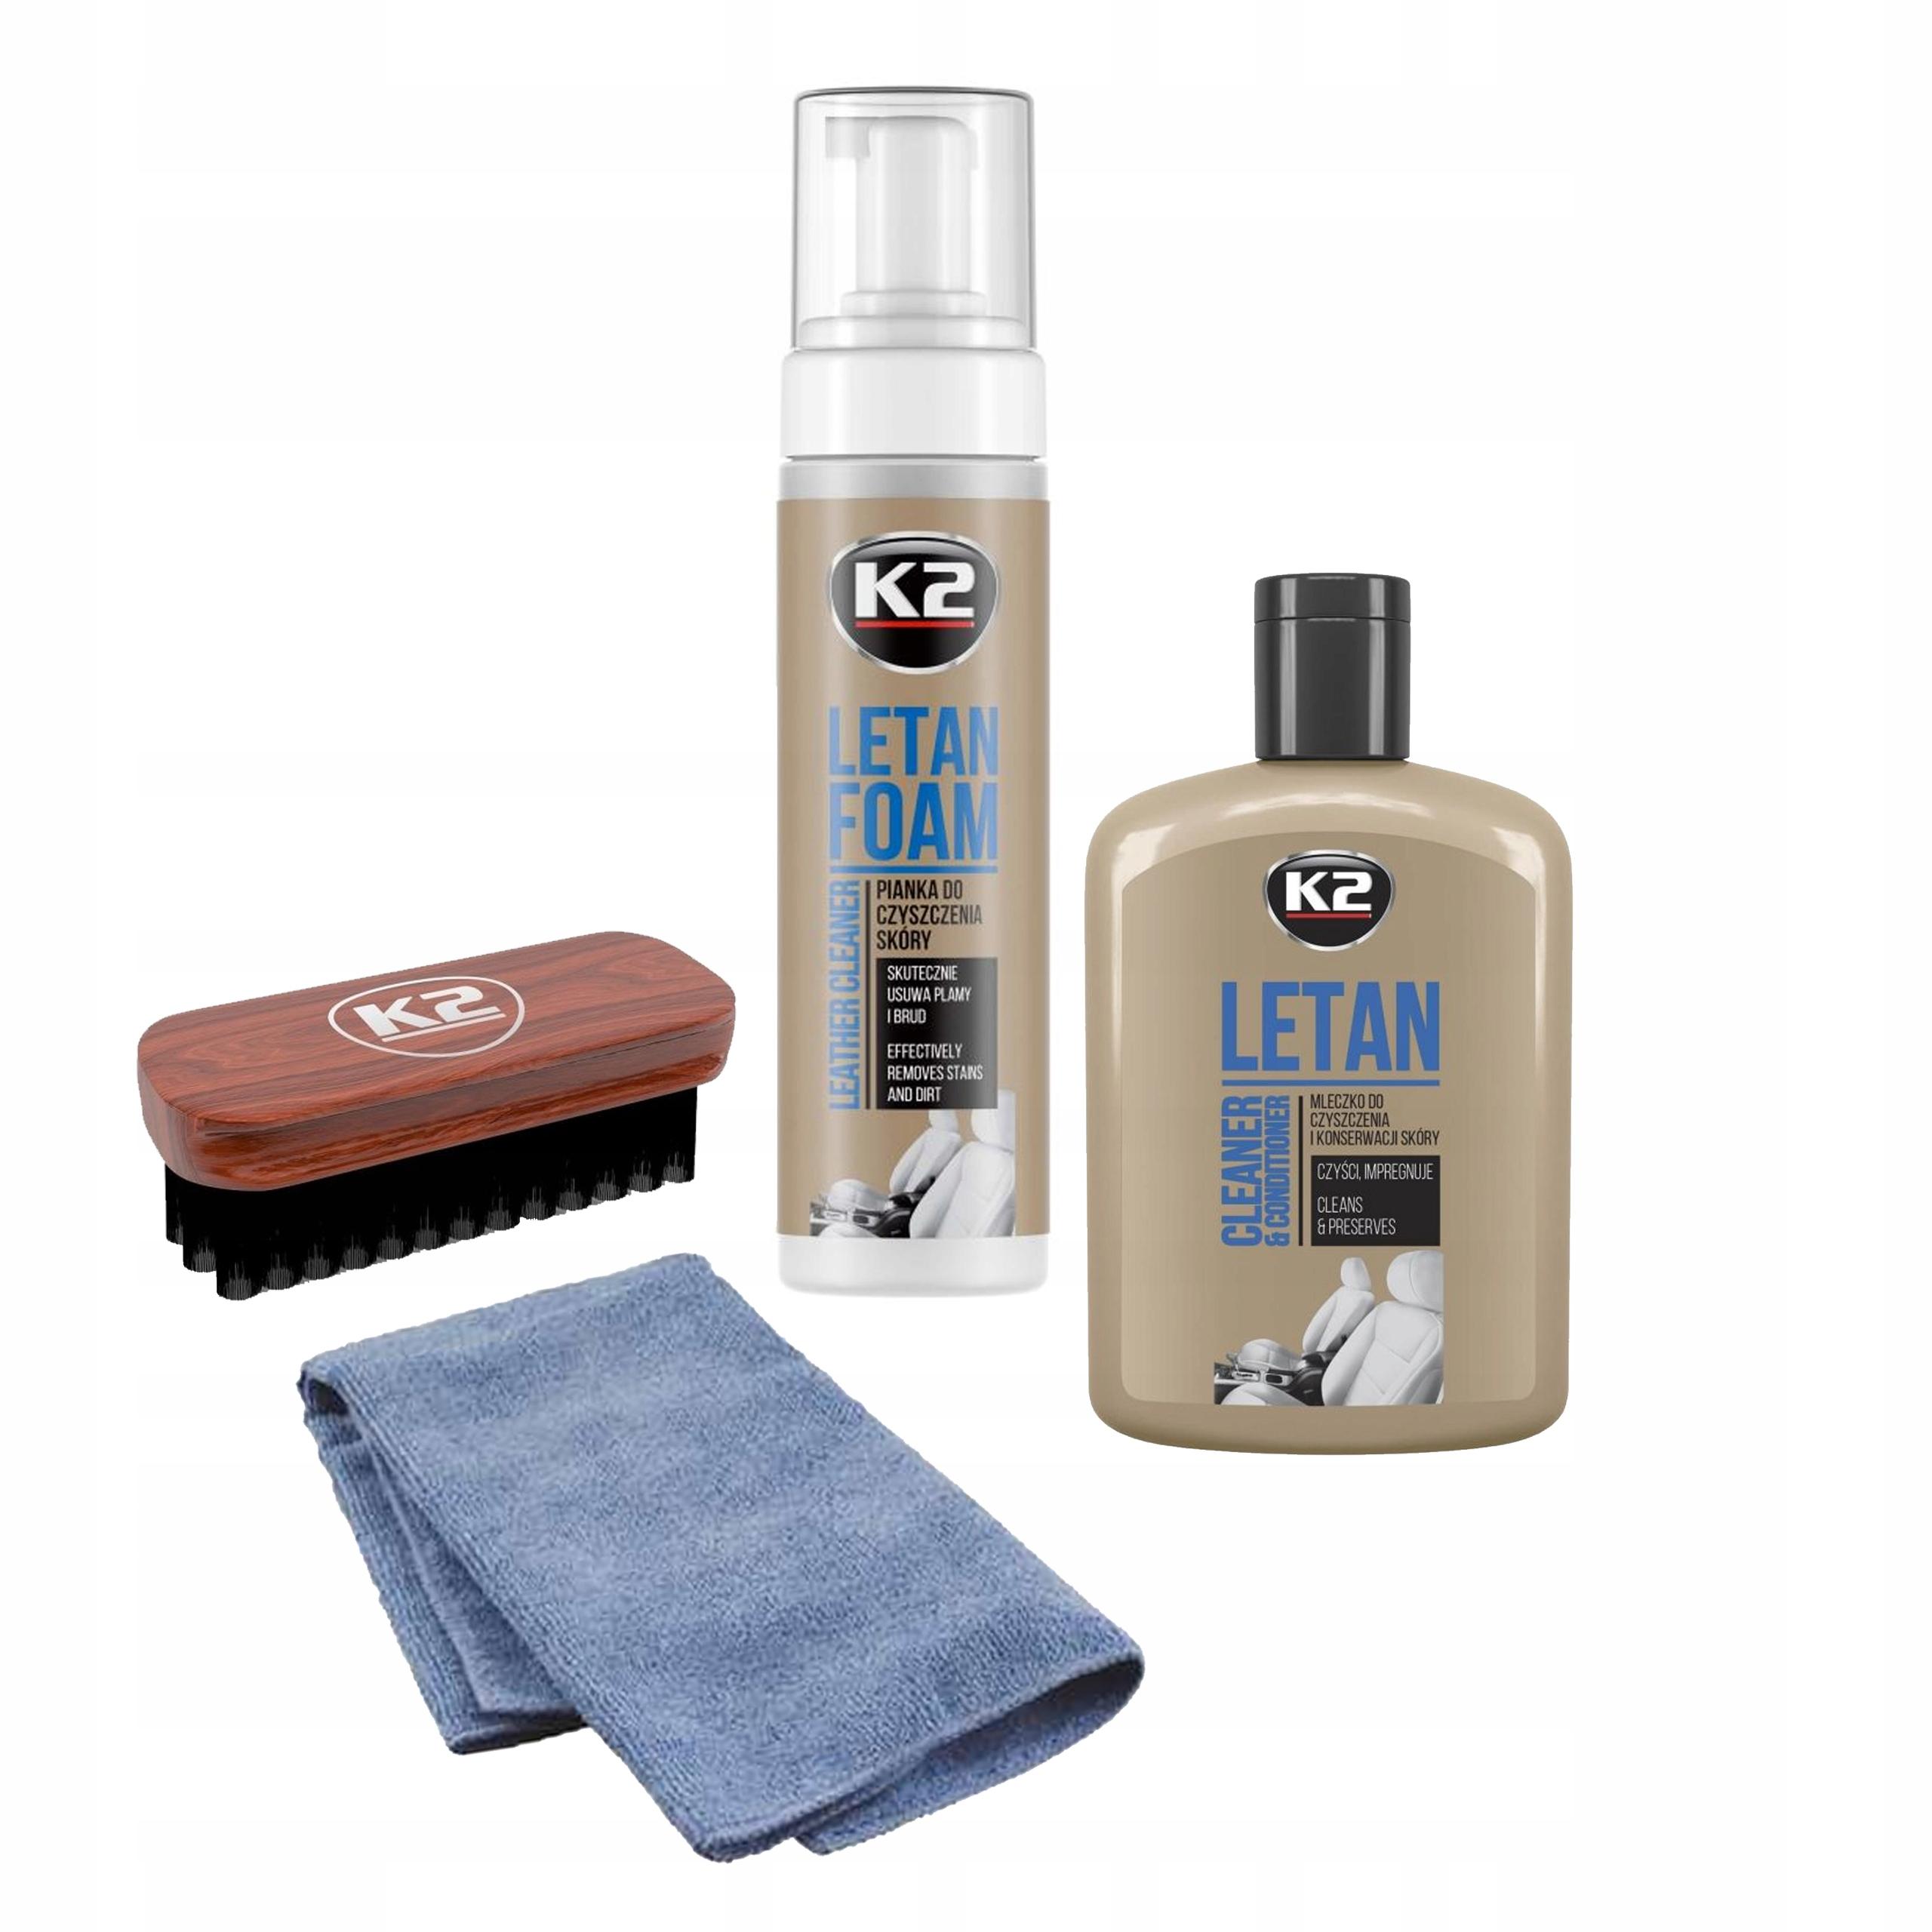 Комплект для очистки и обслуживания кожи K2